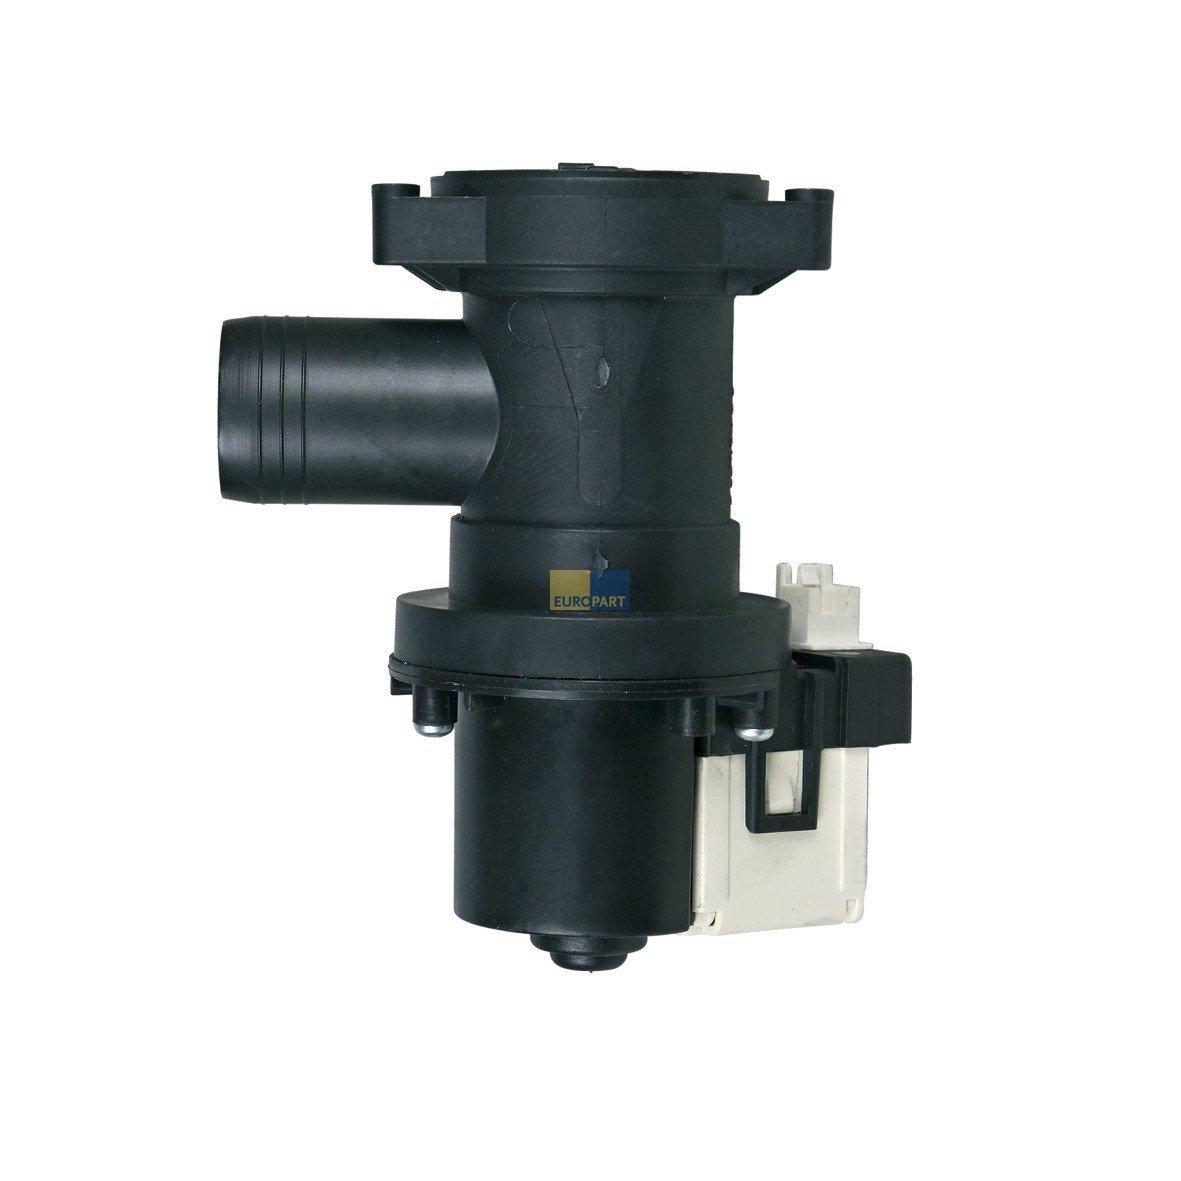 Ablaufpumpe Pumpe Ablauf Waschmaschine 480111101014 Bauknecht